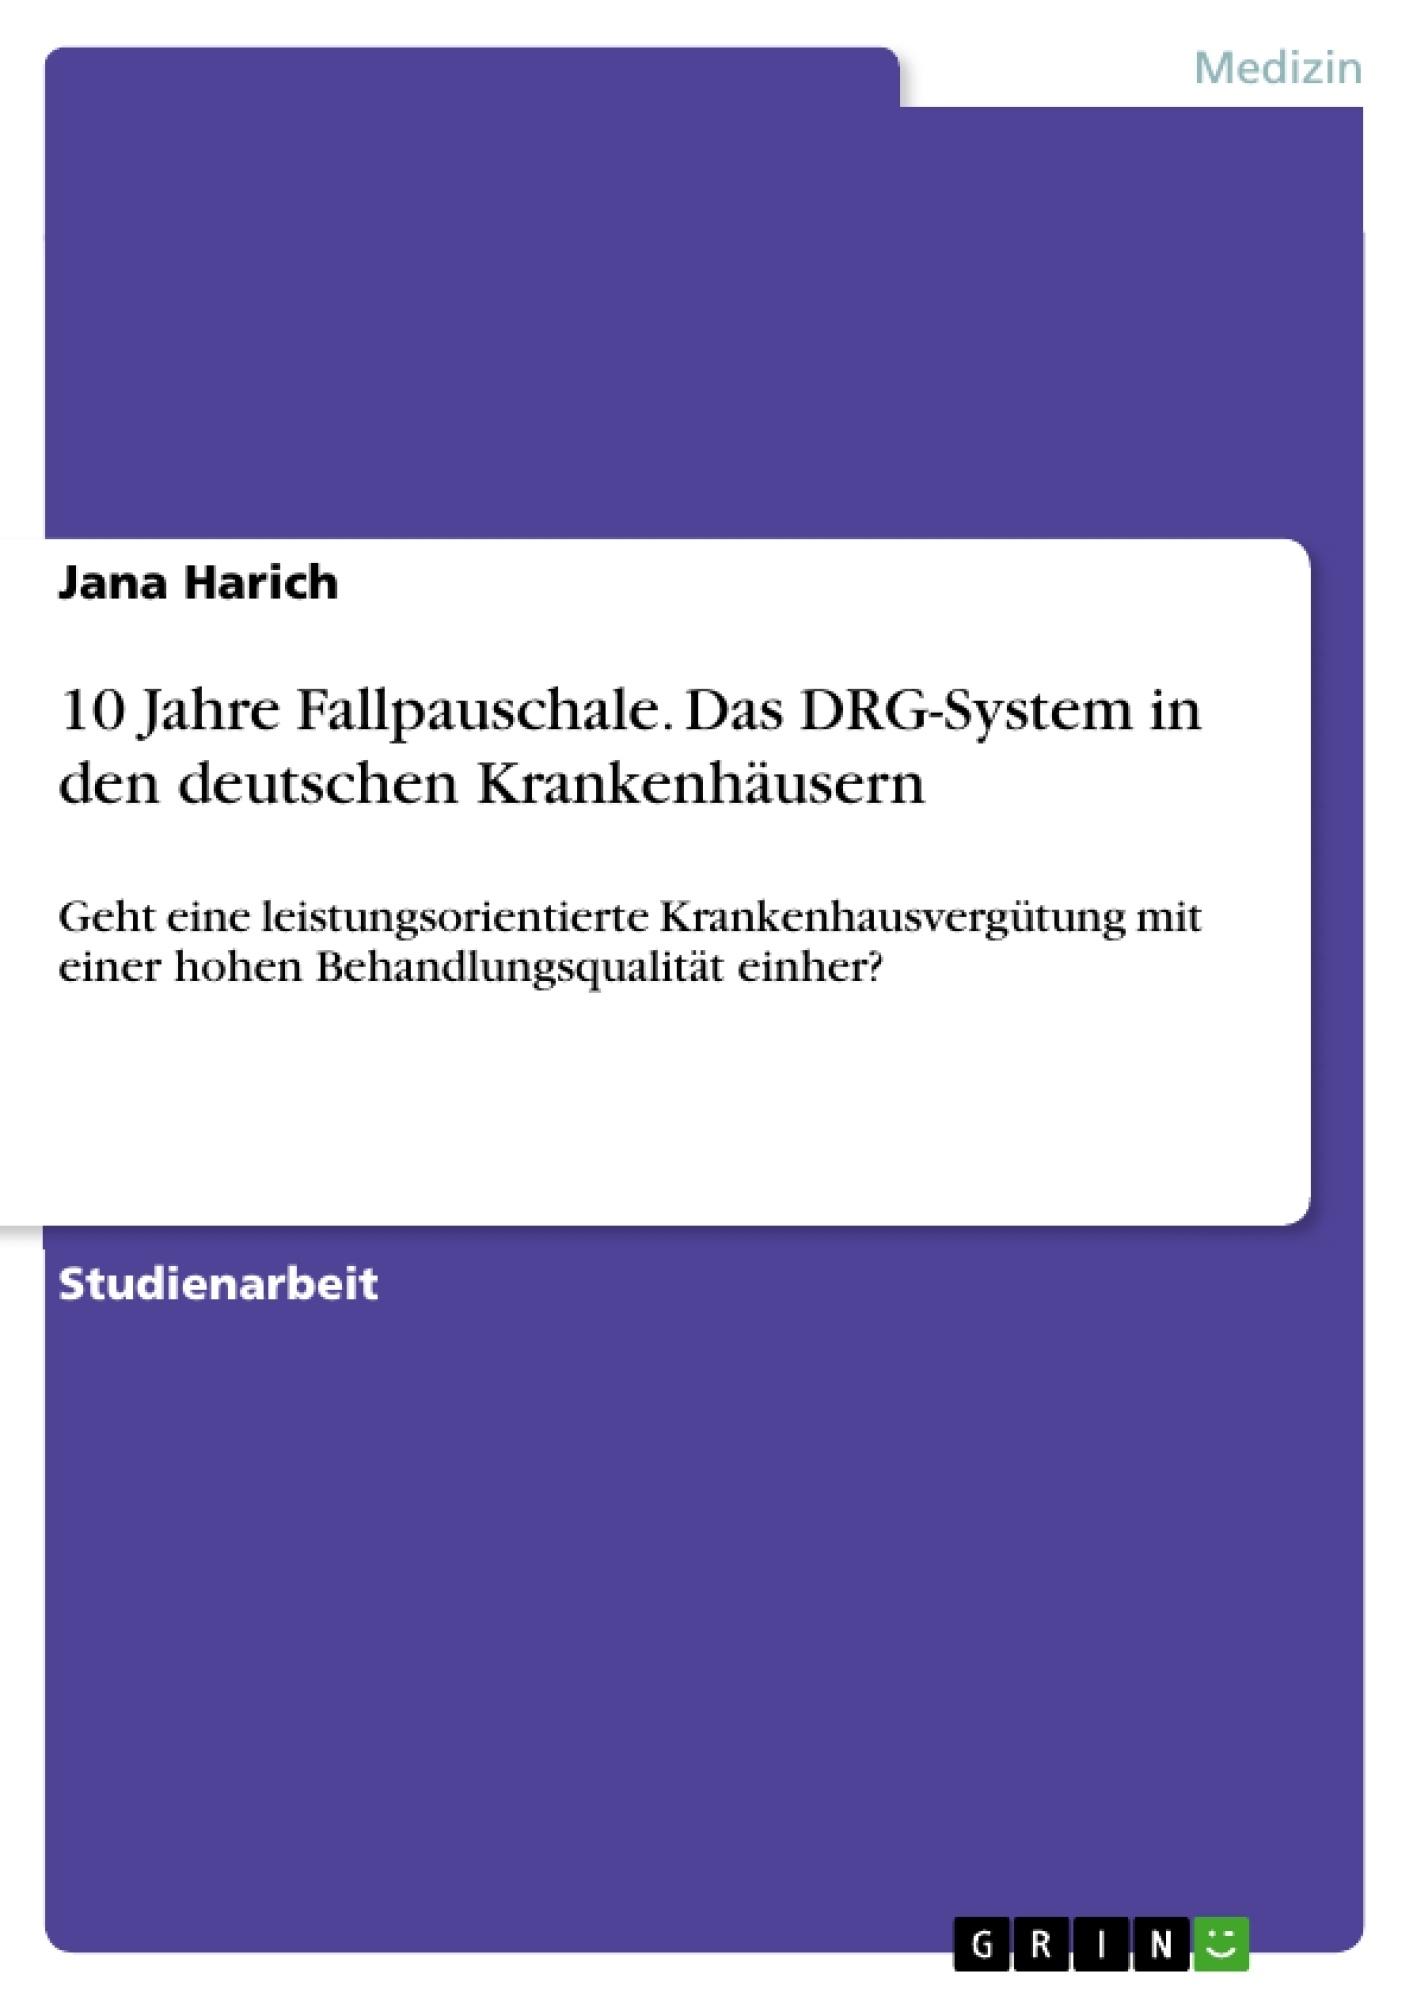 Titel: 10 Jahre Fallpauschale. Das DRG-System in den deutschen Krankenhäusern